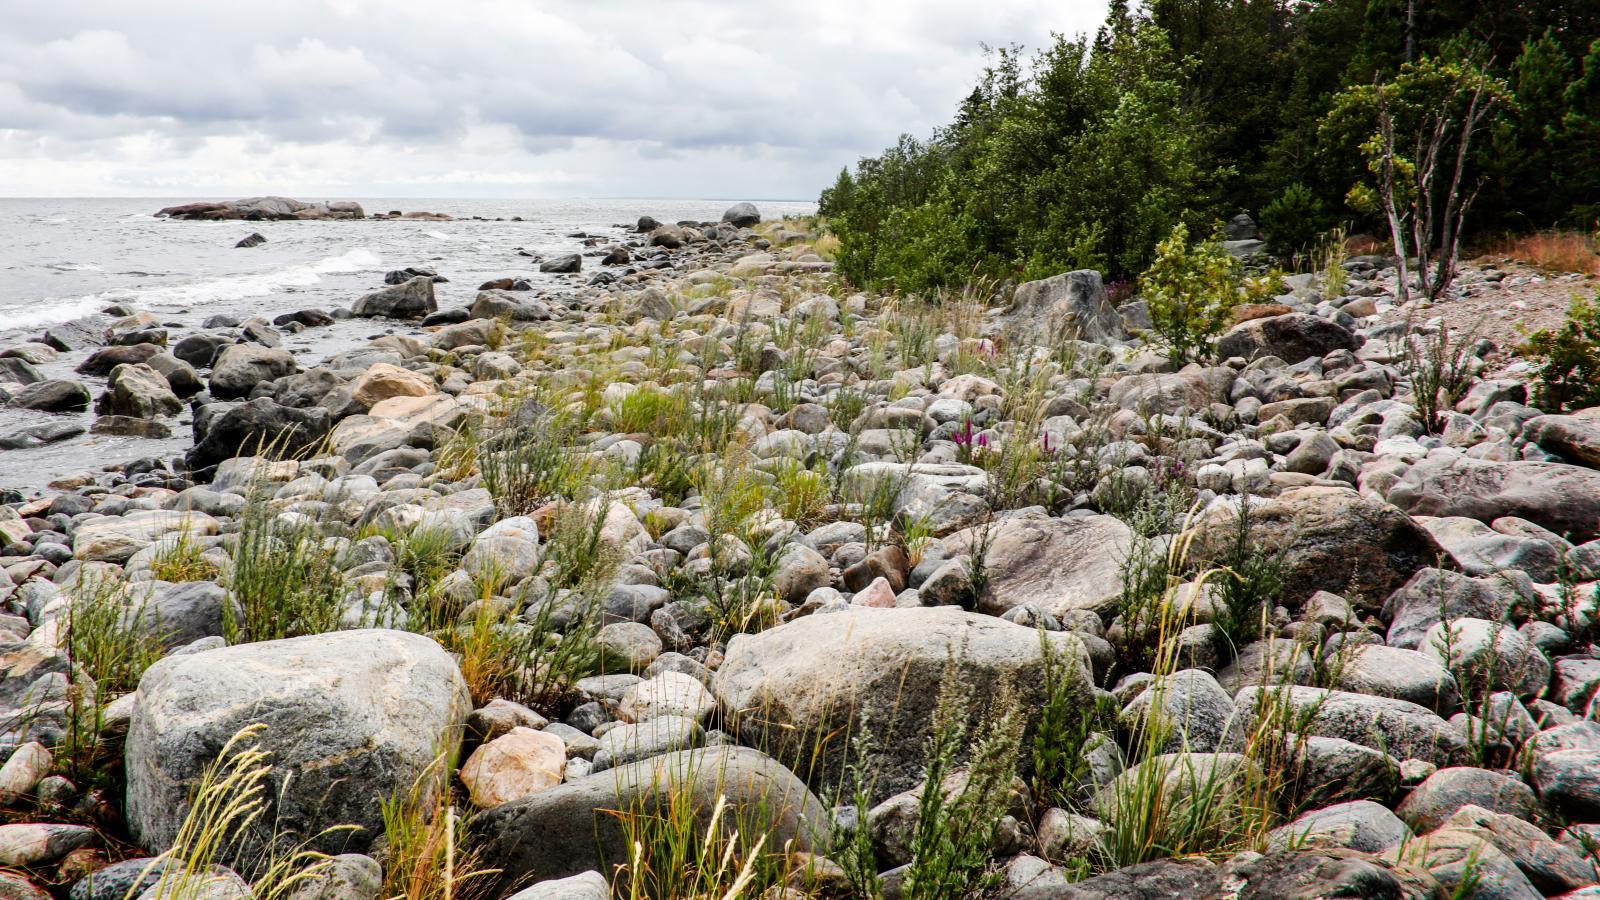 Lugnet vid kusten är påtagligt när man kommer ner till strandremsan.